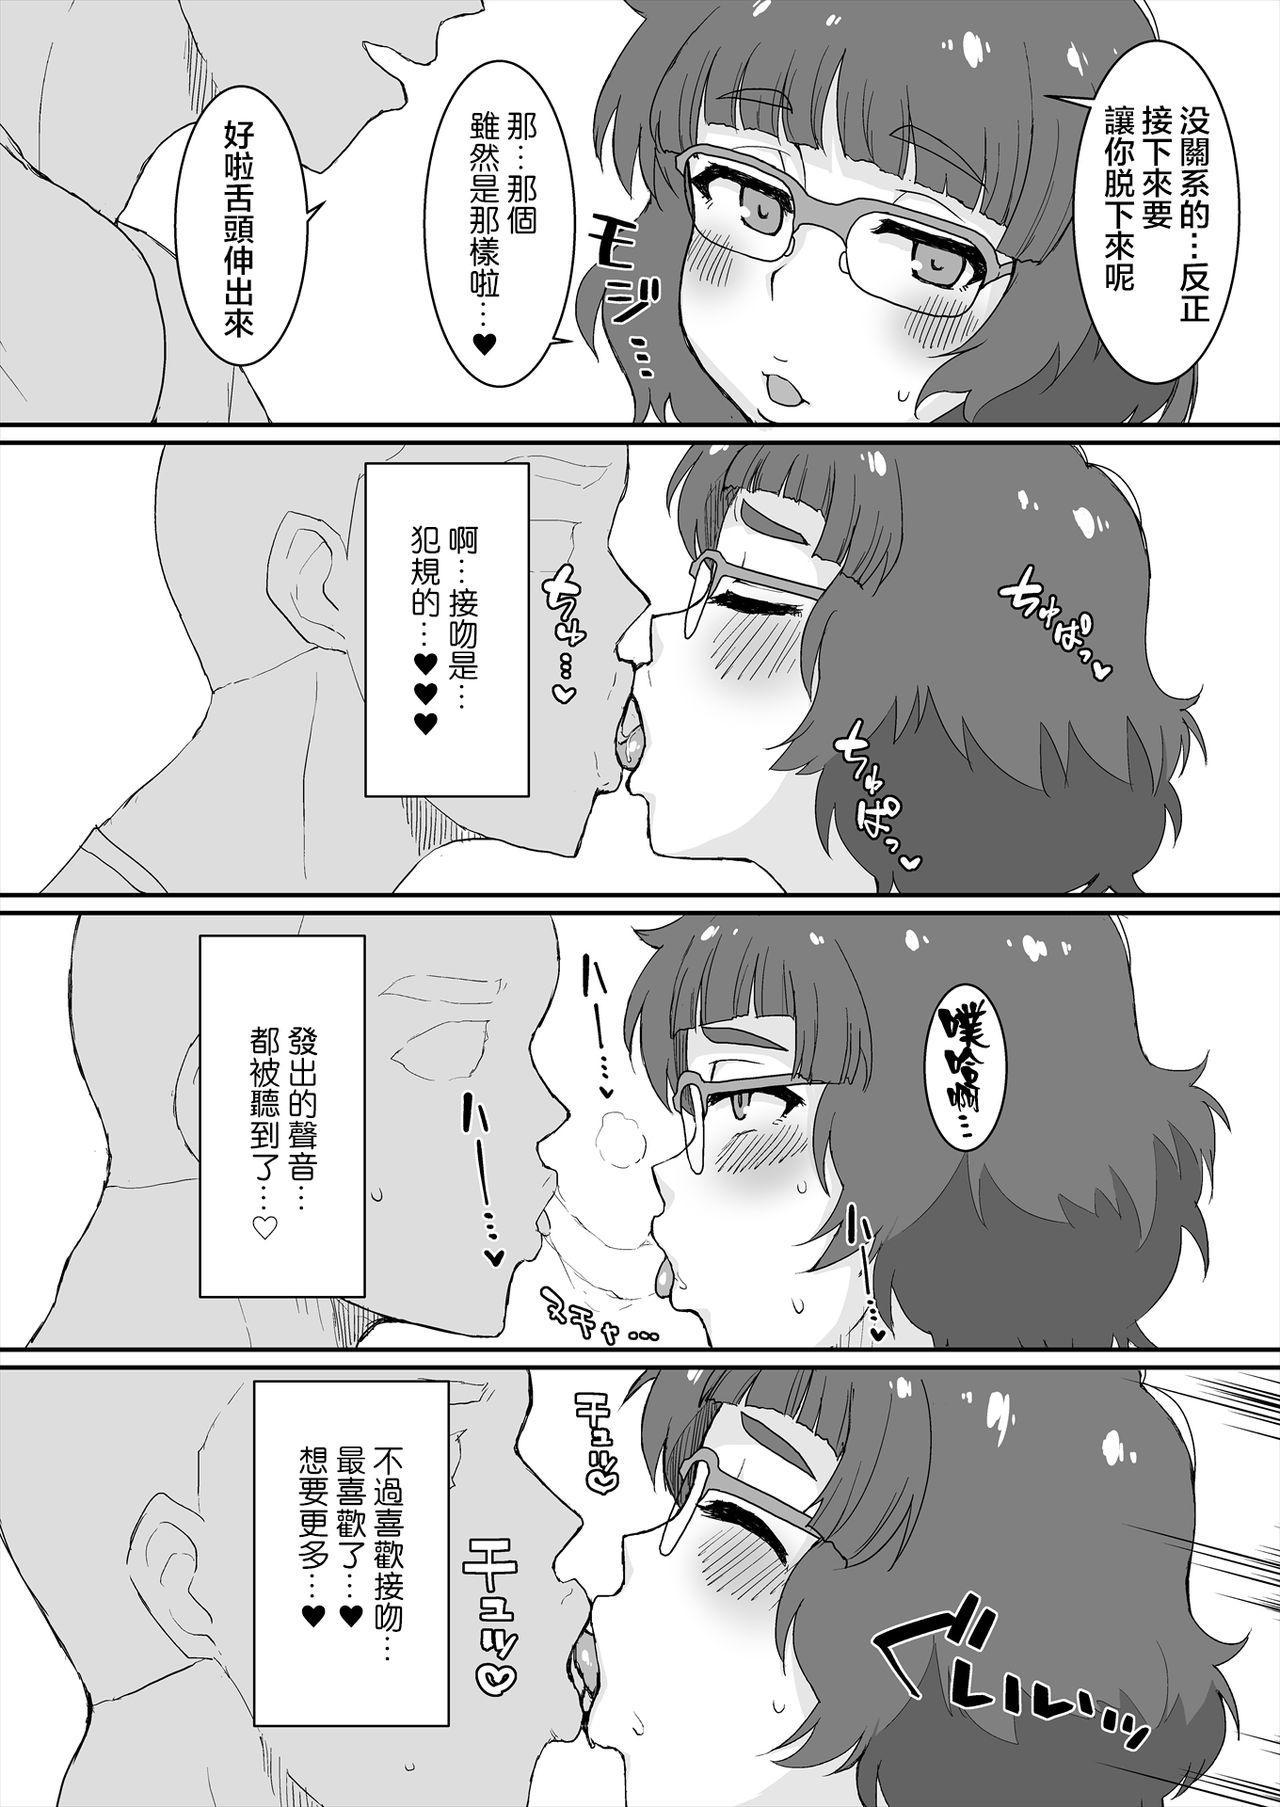 Omake no Matome+ 6